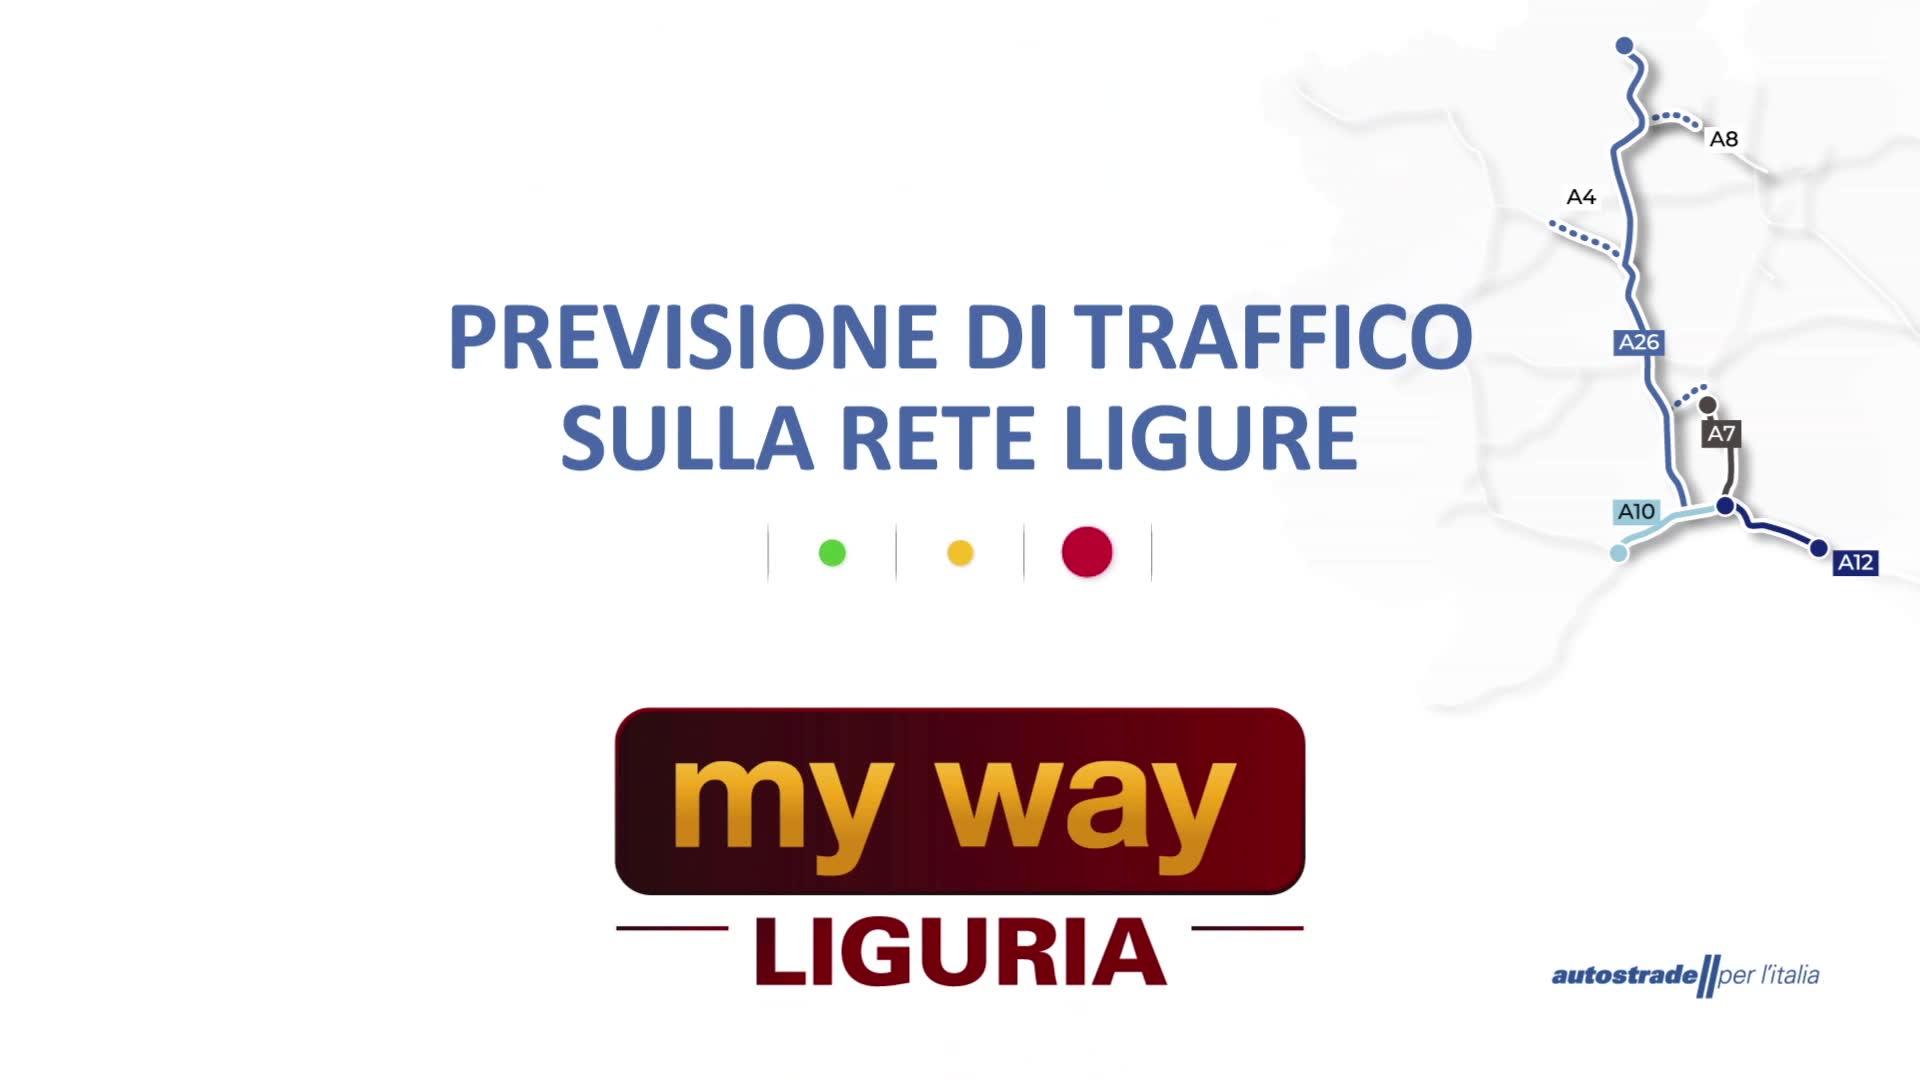 Le previsioni di traffico sulle autostrade della Liguria per sabato 12 giugno